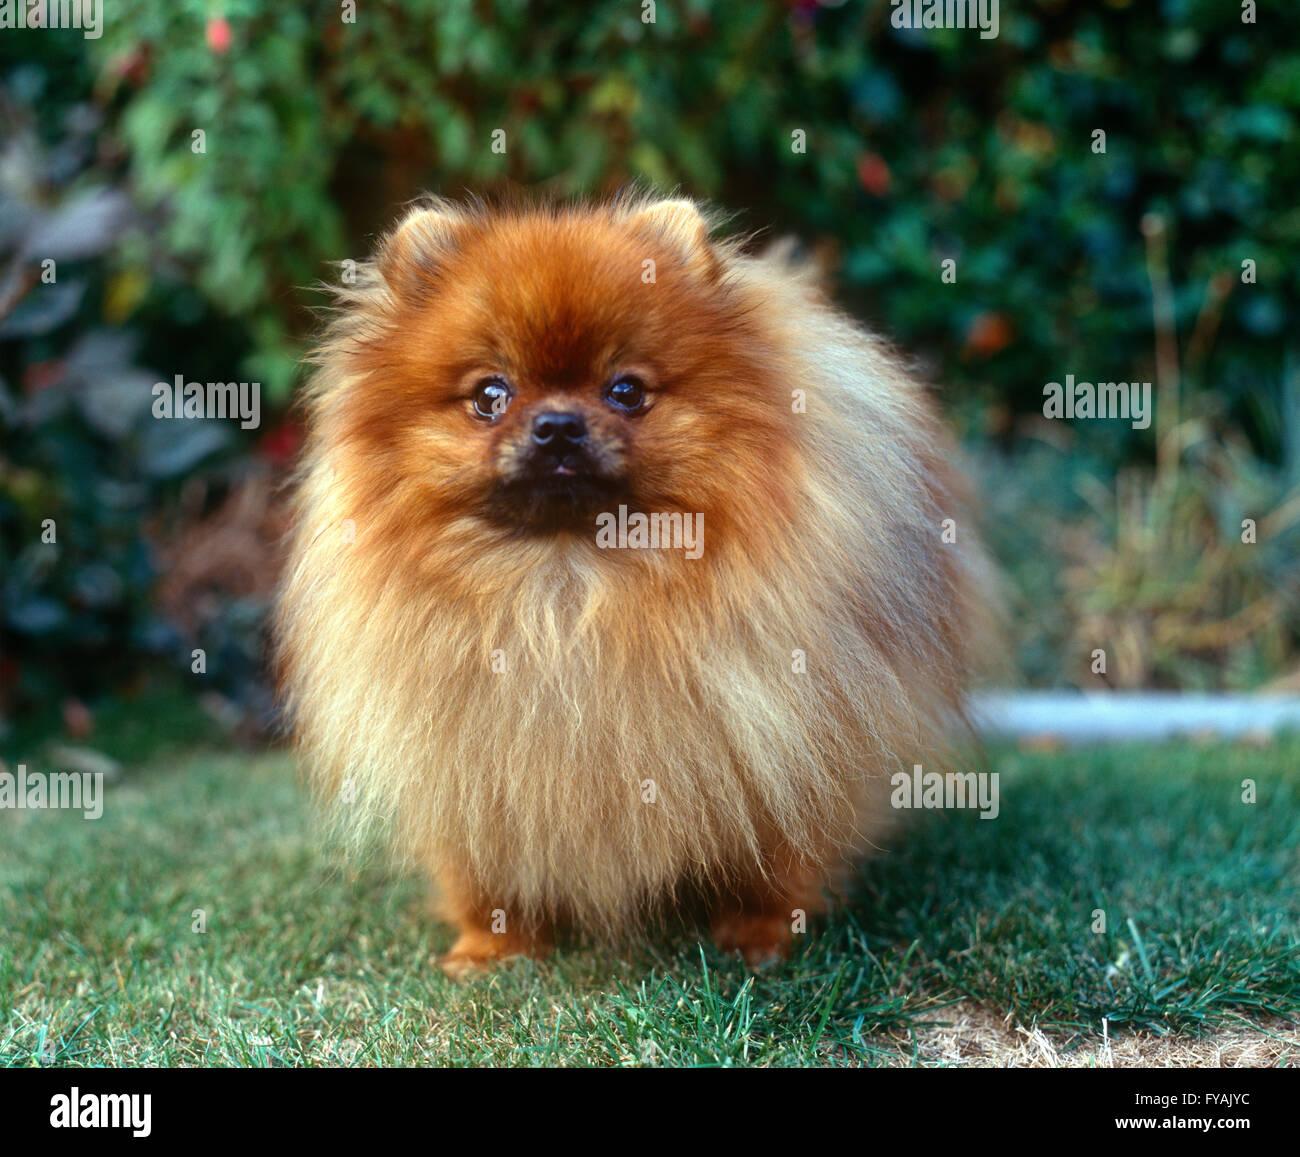 Cucciolo di Pomerania ritratto, all'esterno. Immagini Stock